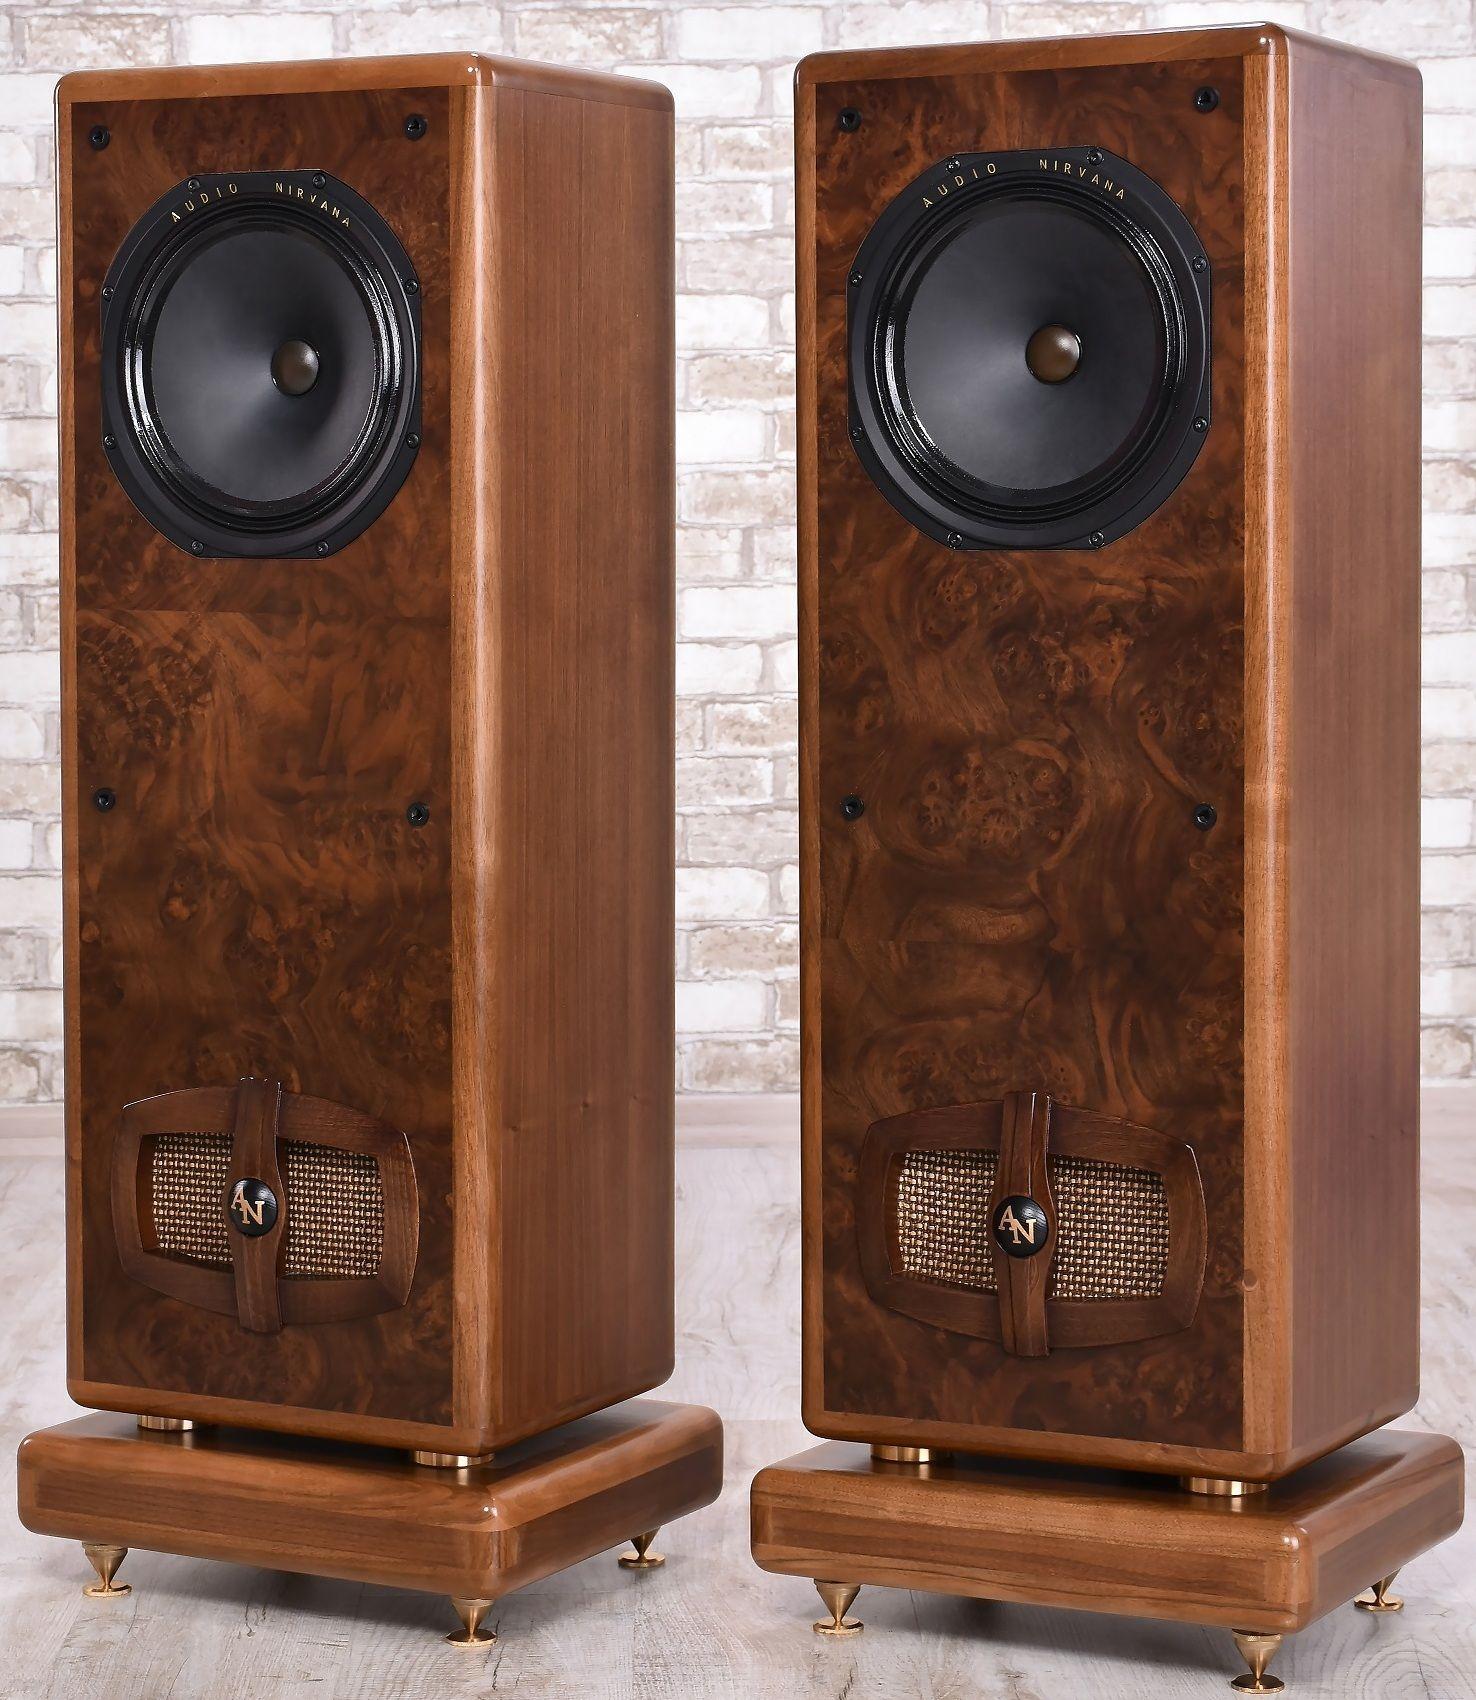 Audio nirvana diy full range speakersthe worlds best